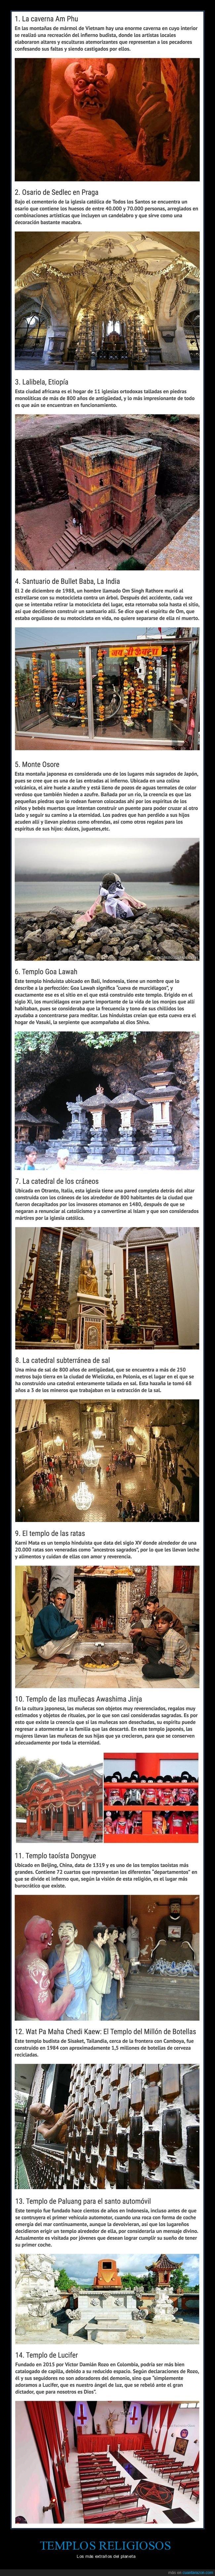 CR_1073977_791922136b3e42bb83f31821ee8d9131_los_templos_religiosos_mas_extranos_del_planeta